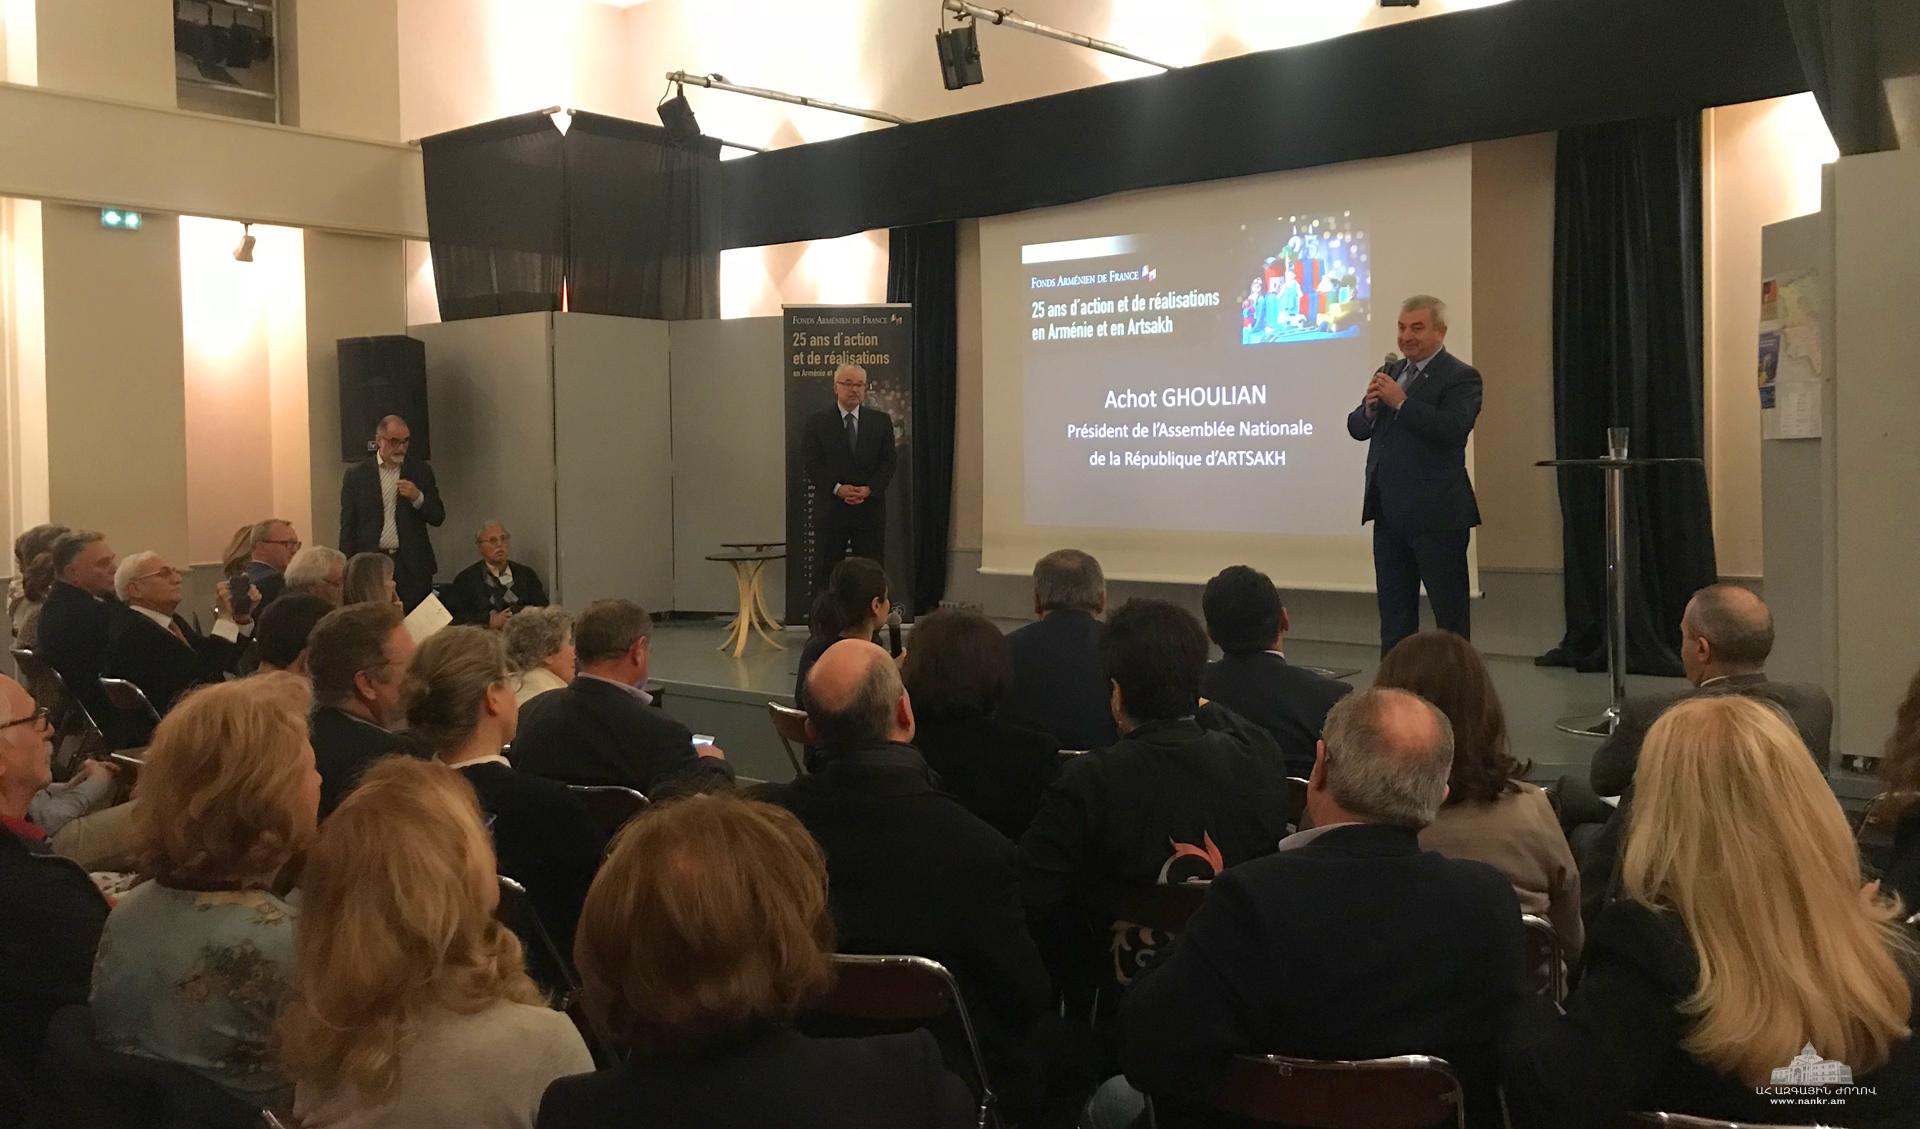 Արցախի պատվիրակությունը մասնակցել է «Հայաստան» հիմնադրամի Ֆրանսիայի կառույցի 25-ամյակի միջոցառմանը